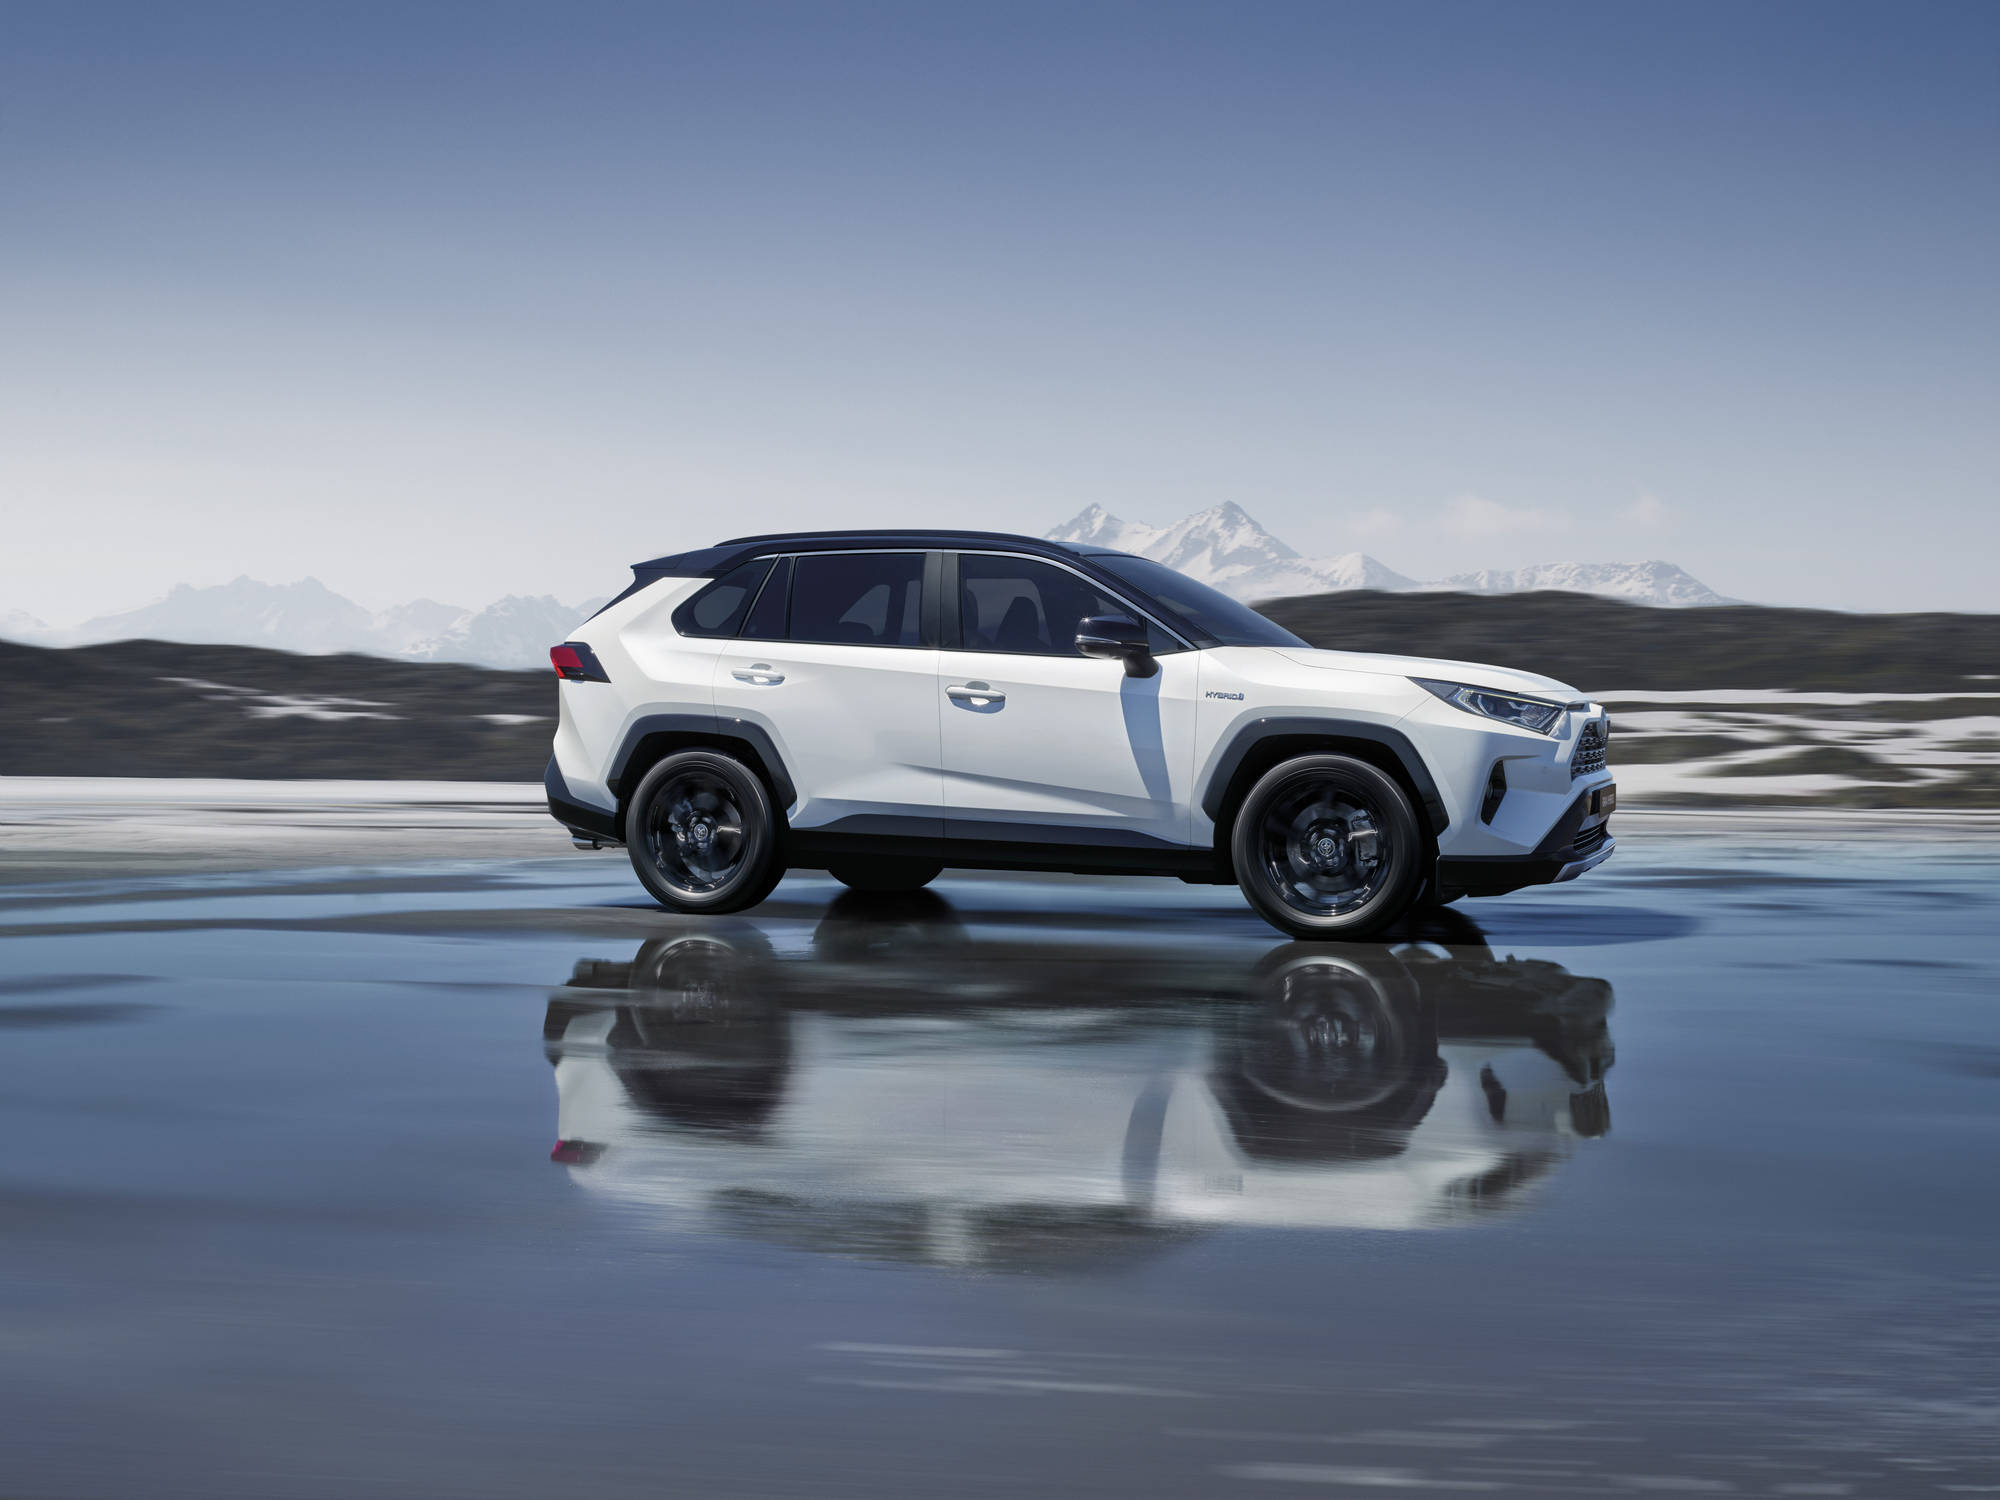 Российский офис Toyota обнародовал прайс-лист и комплектации вседорожника RAV4 новой V генерации для отечественного авторынка